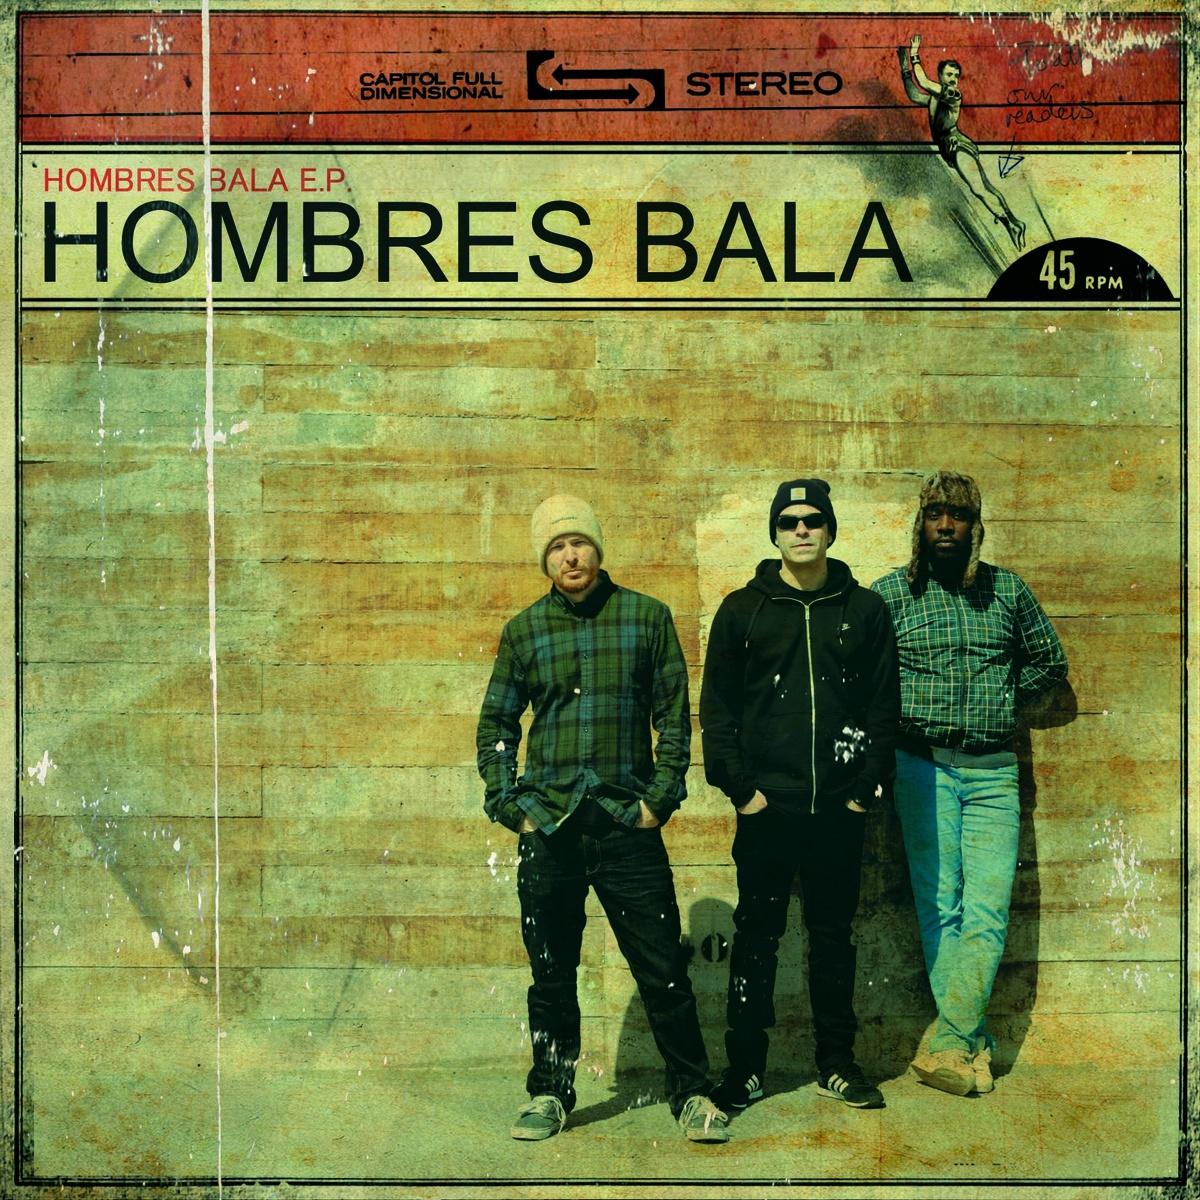 Hombres_bala_-_hombres_bala_ep